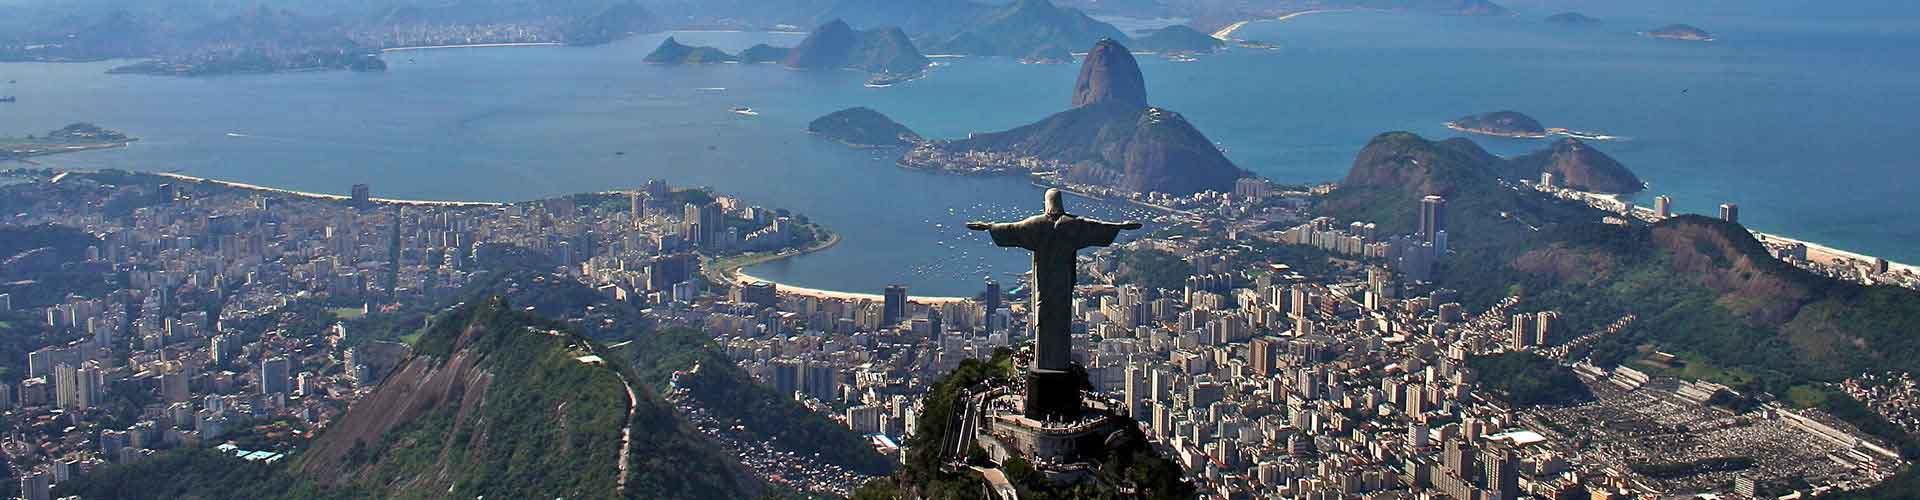 Rio de Janeiro – Hotels for students in Rio de Janeiro. Maps of Brazylia, photos and reviews for each hotel for student in Rio de Janeiro.